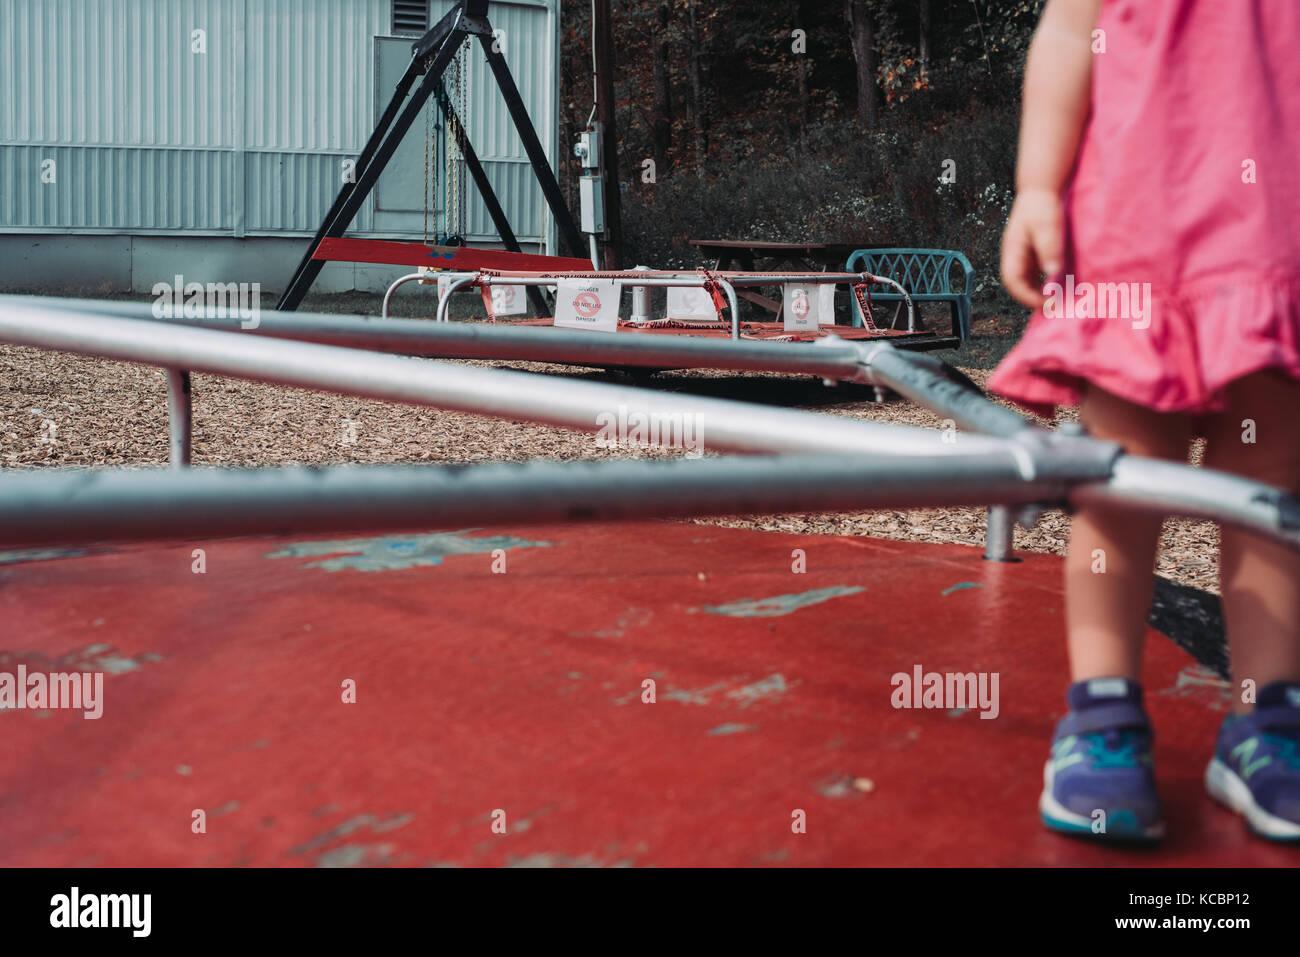 Ein Kleinkind steht auf einem Merry go round von niedrigen Einkommen Spielplatz Stockbild